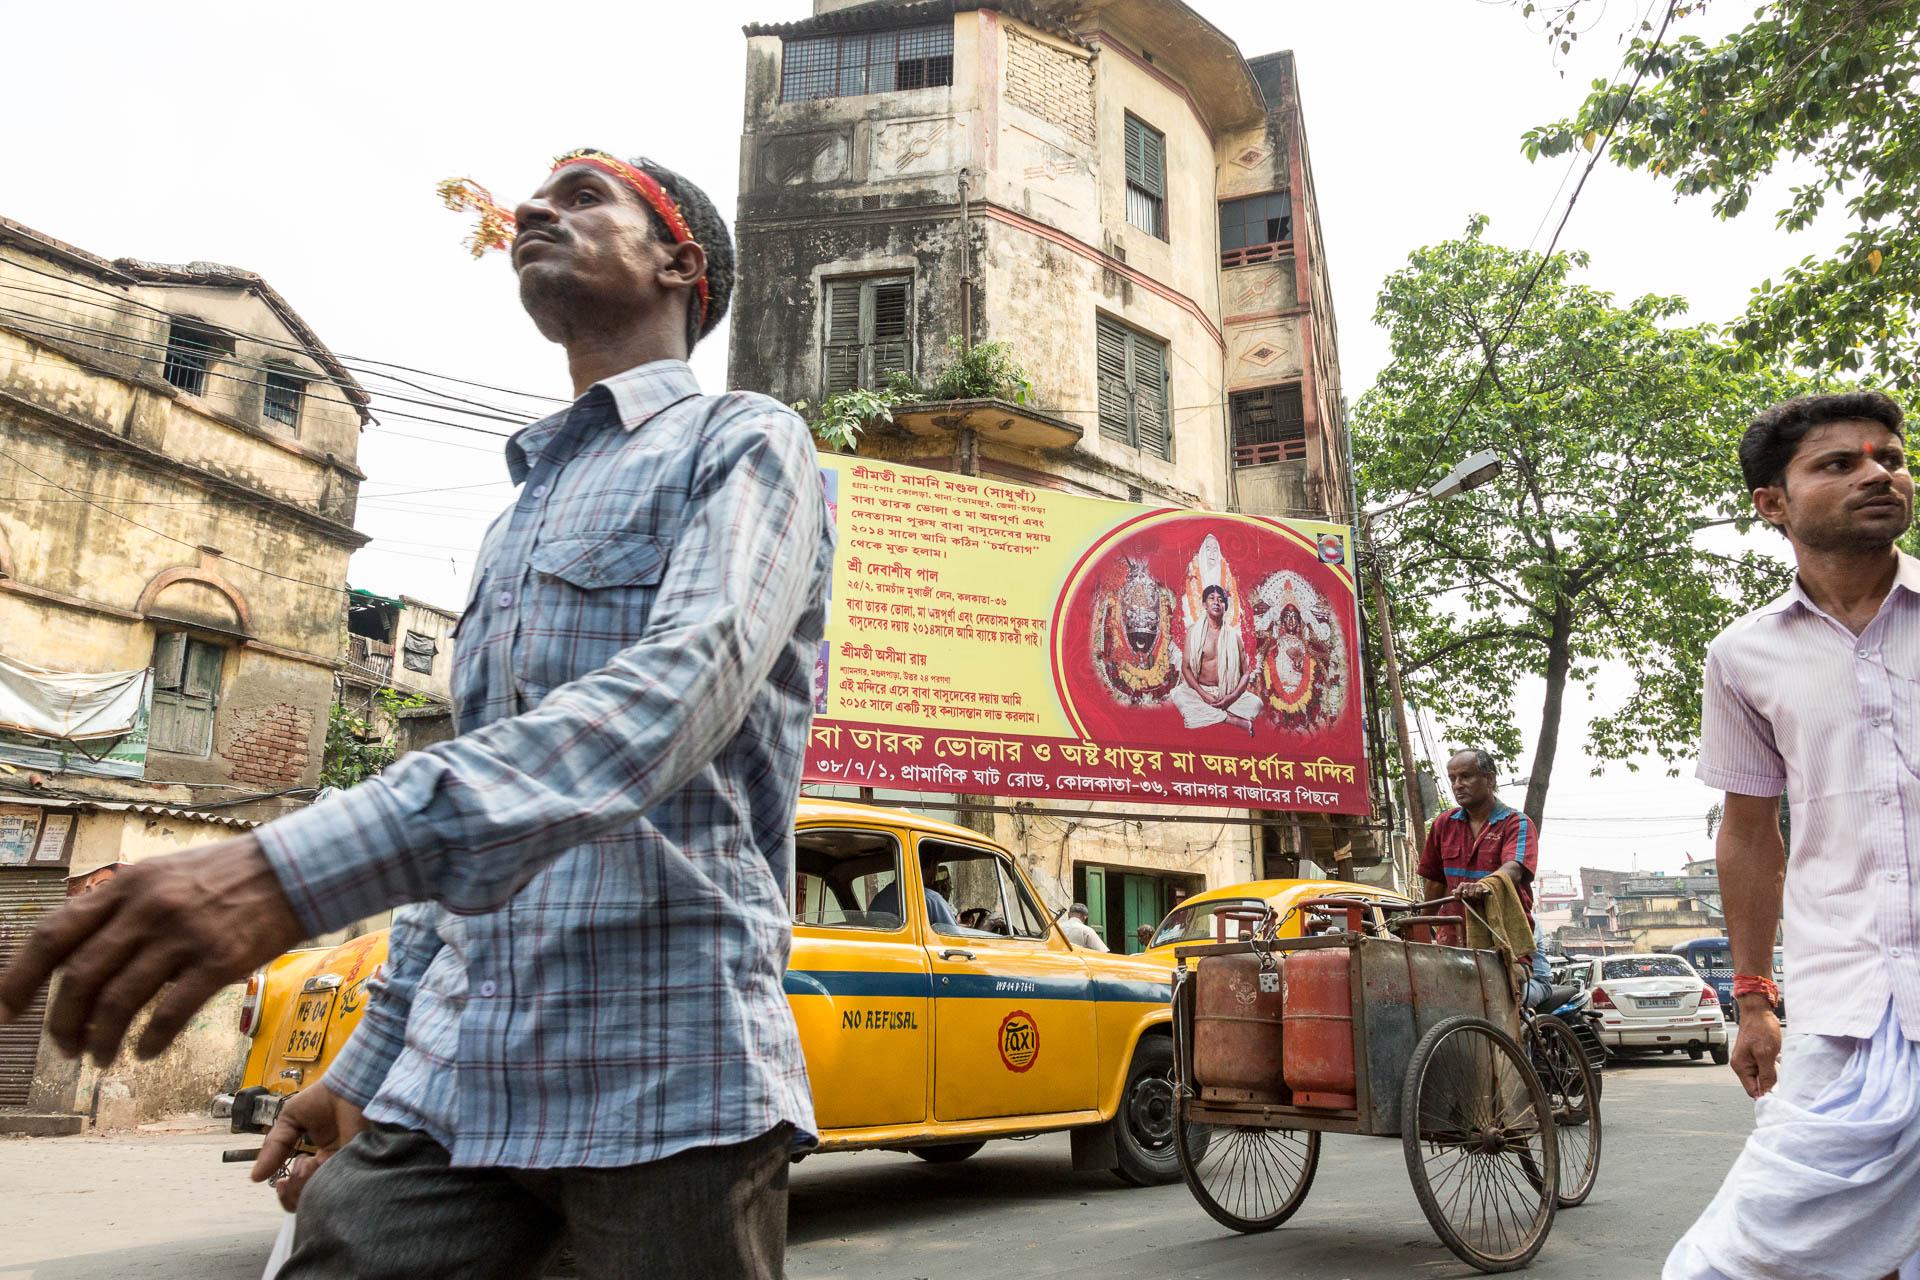 Strassenszene Kolkata